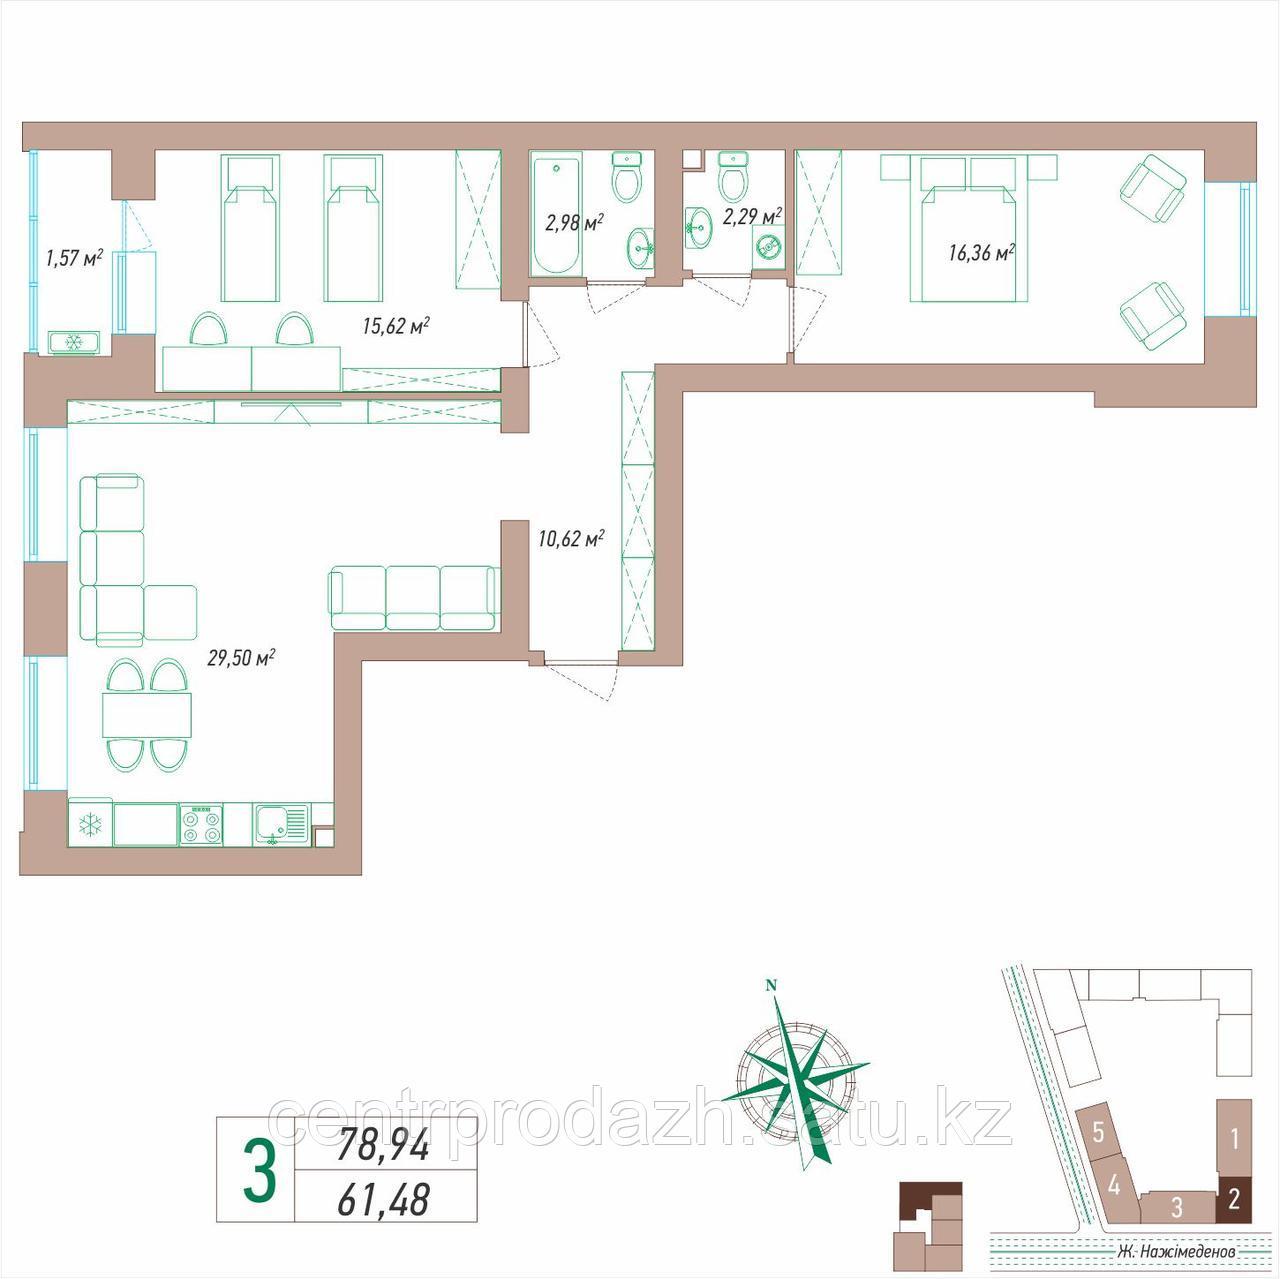 3 комнатная квартира 78.94 м²